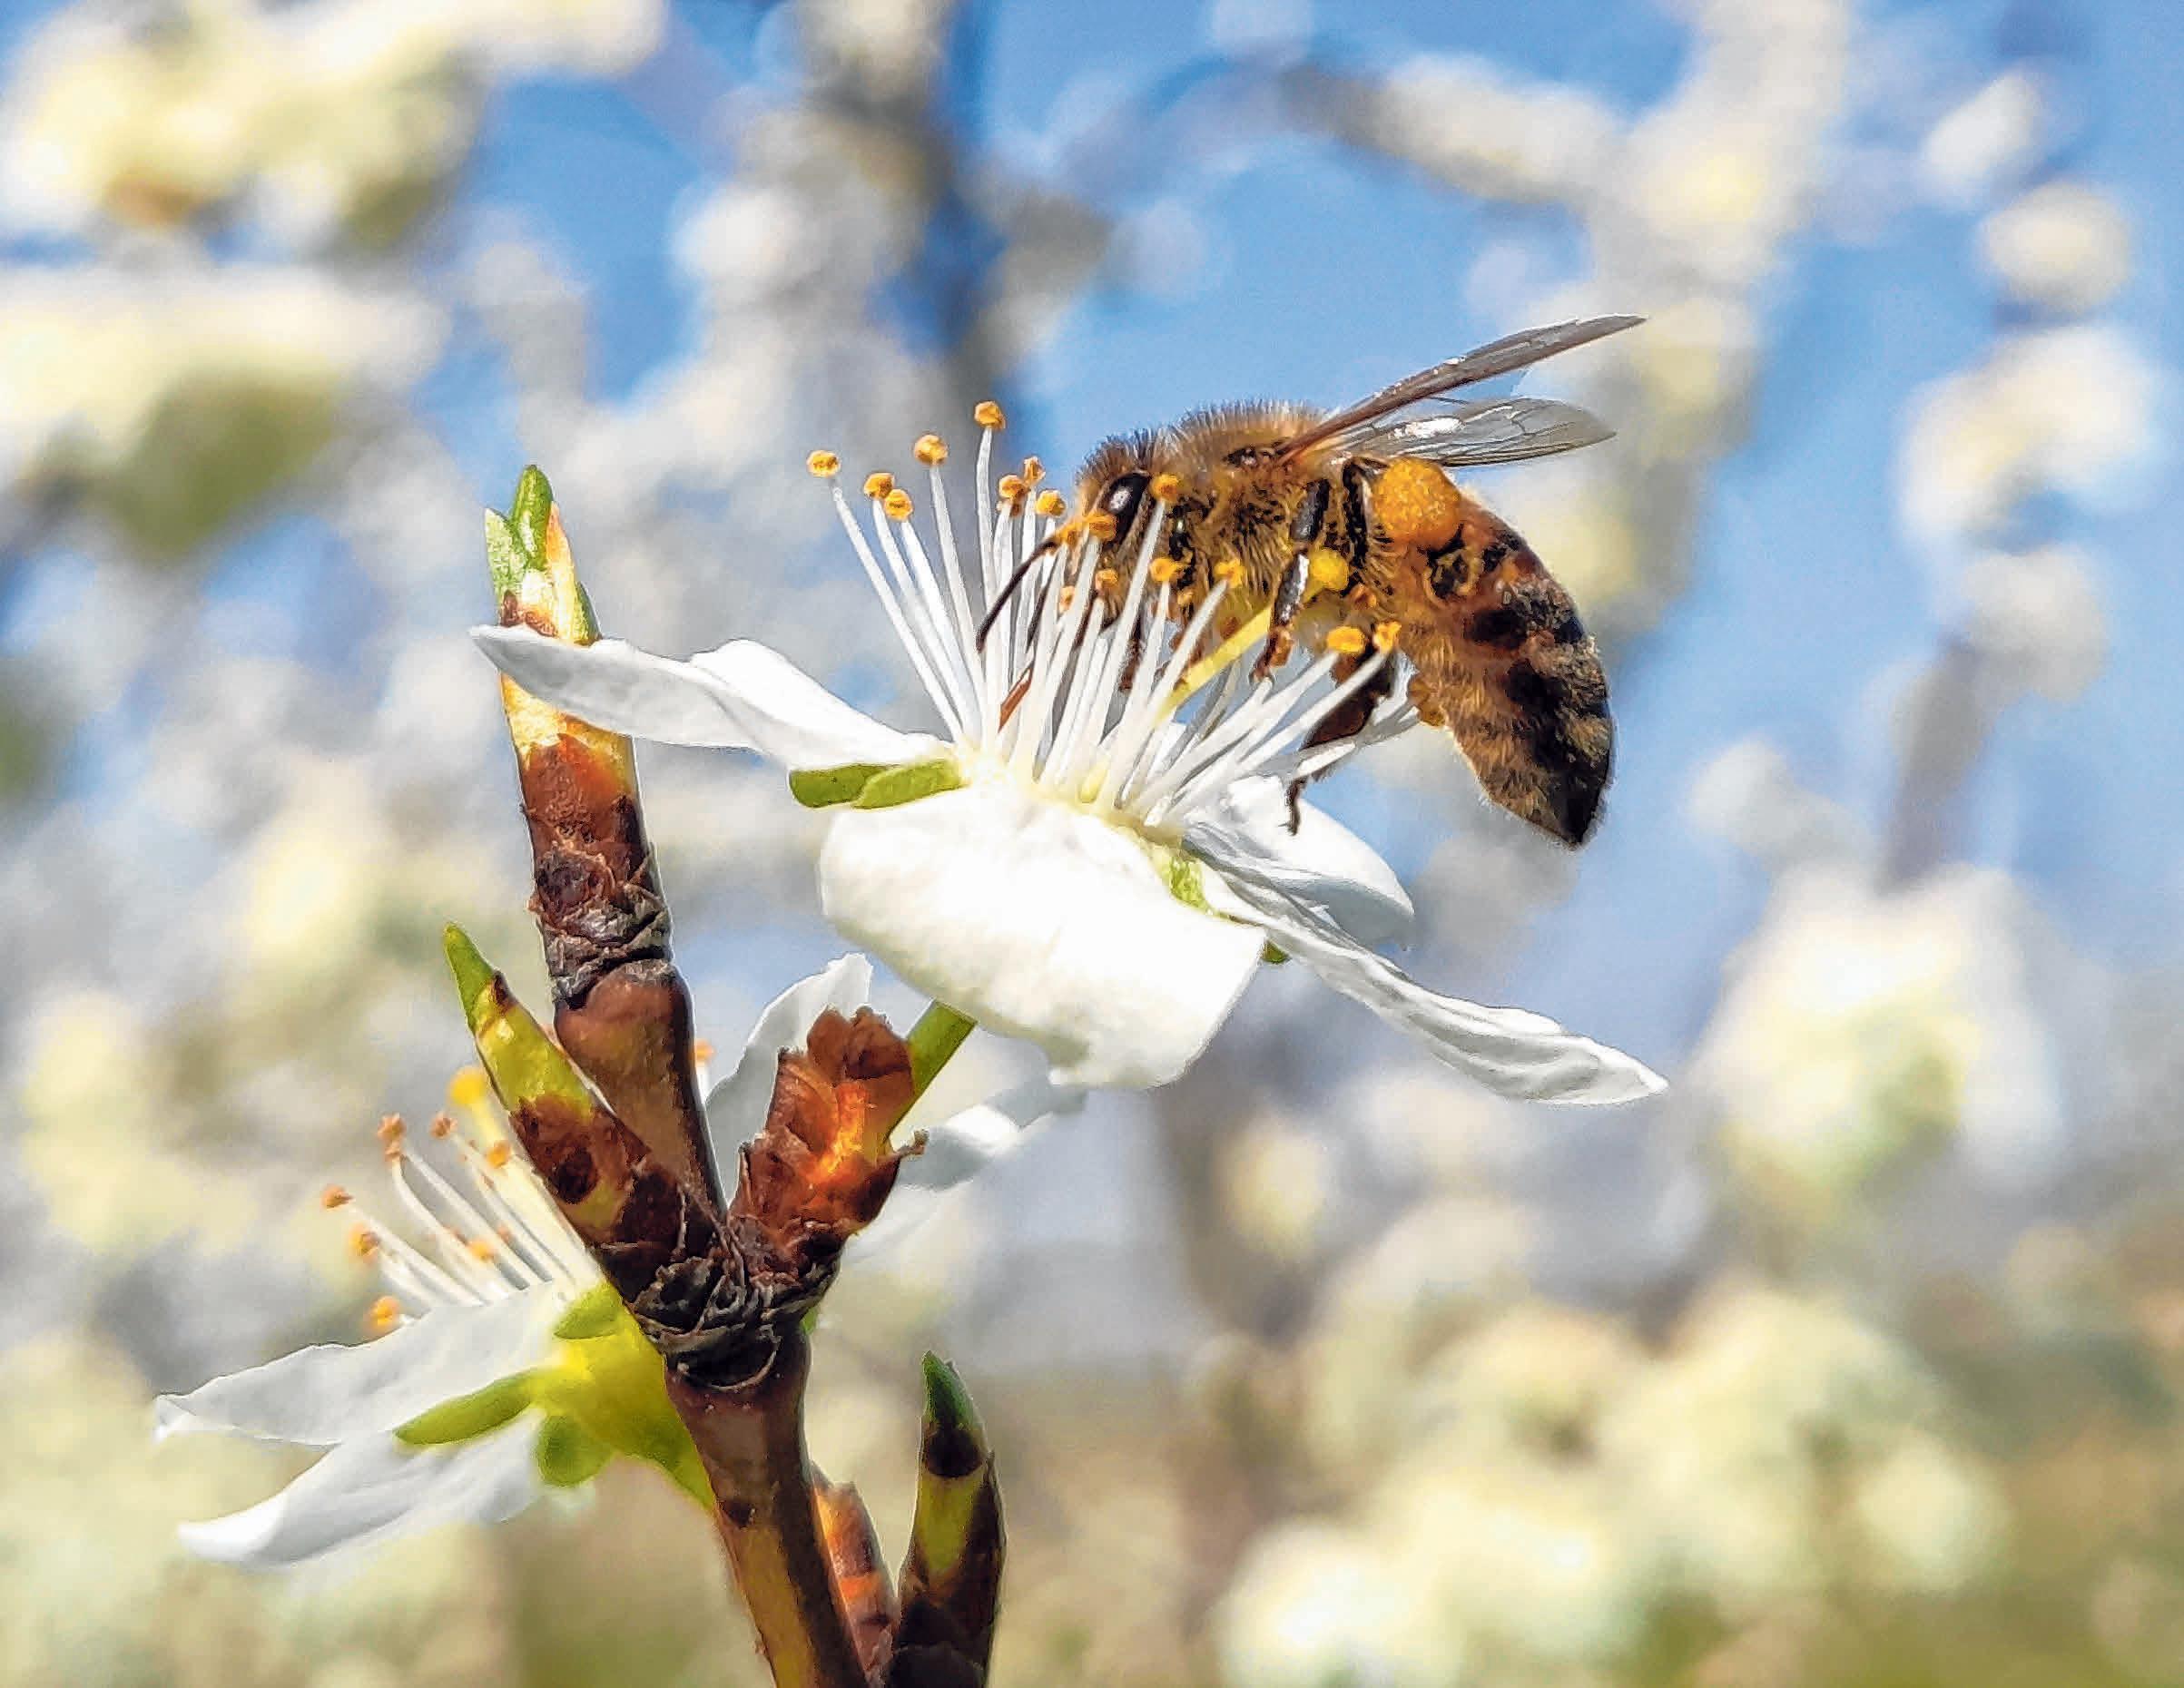 Eine Biene sammelt Blütenpollen. Bei den bald frühlingshaften Temperaturen blühen viele Blüten an den Bäumen. Foto: Patrick Seeger/dpa